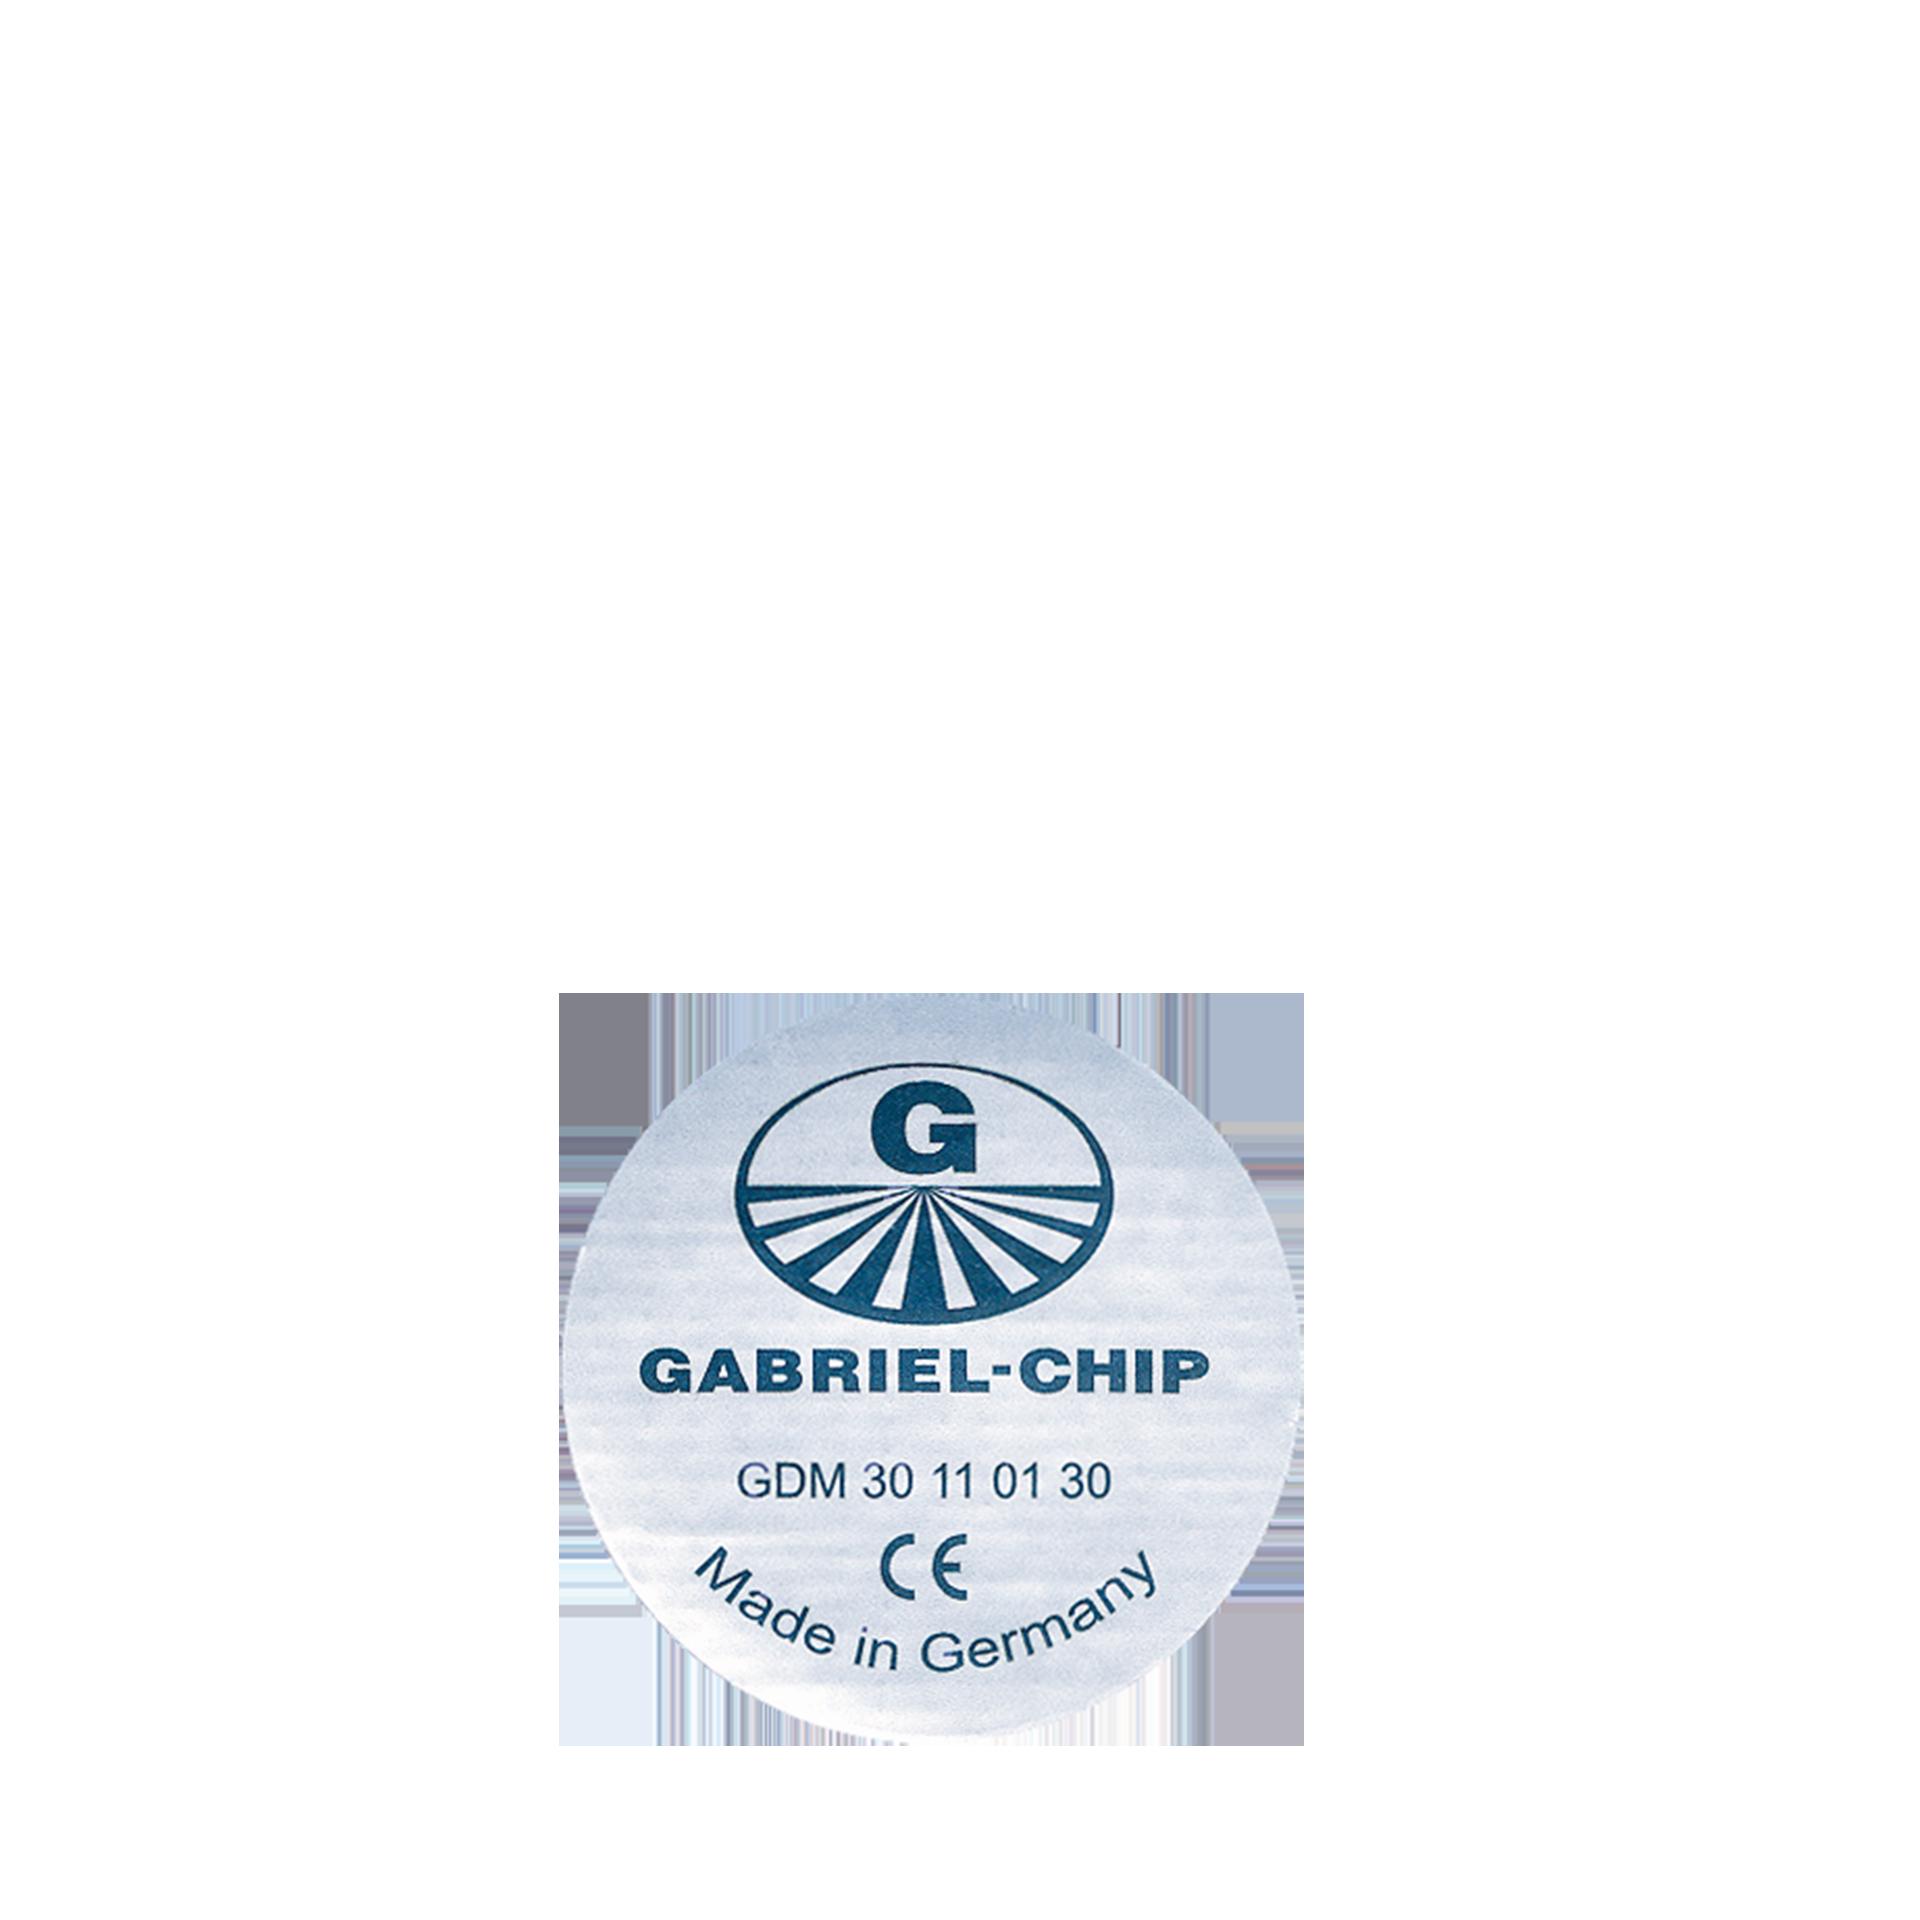 Gabriel-Chip für DECT Funk-Telefon, Sender & Empfänger